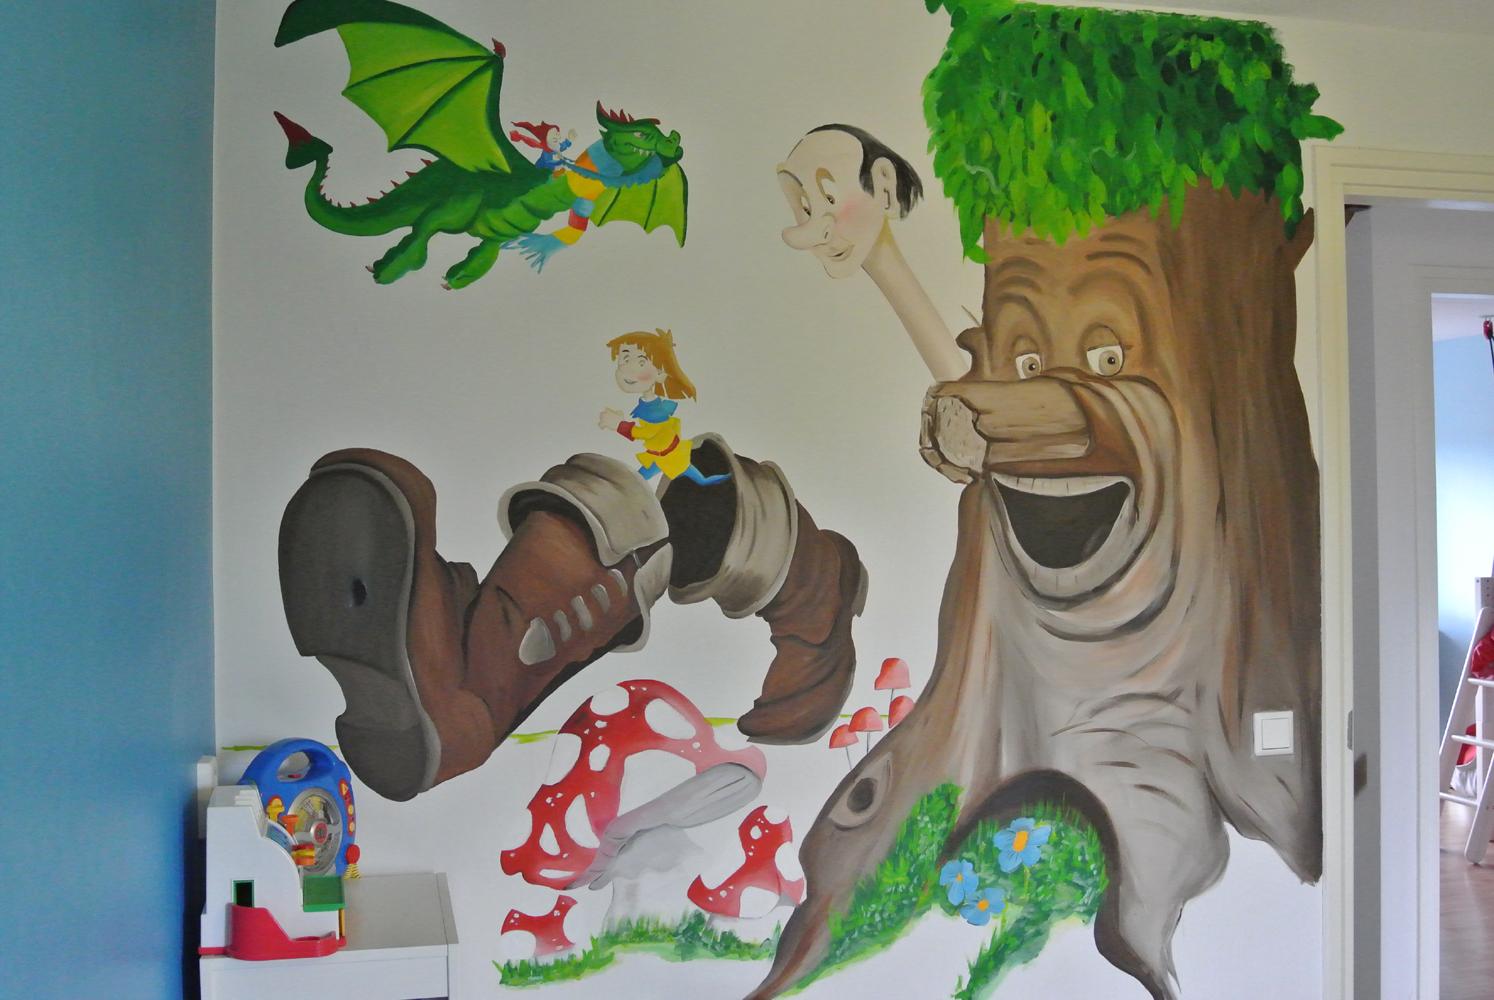 muurschildering Sprookjesboom muurschildering laten maken voor bedrijf kinderkamer babykamer omgeving Groningen Drenthe Friesland Hoogeveen Janet Edens